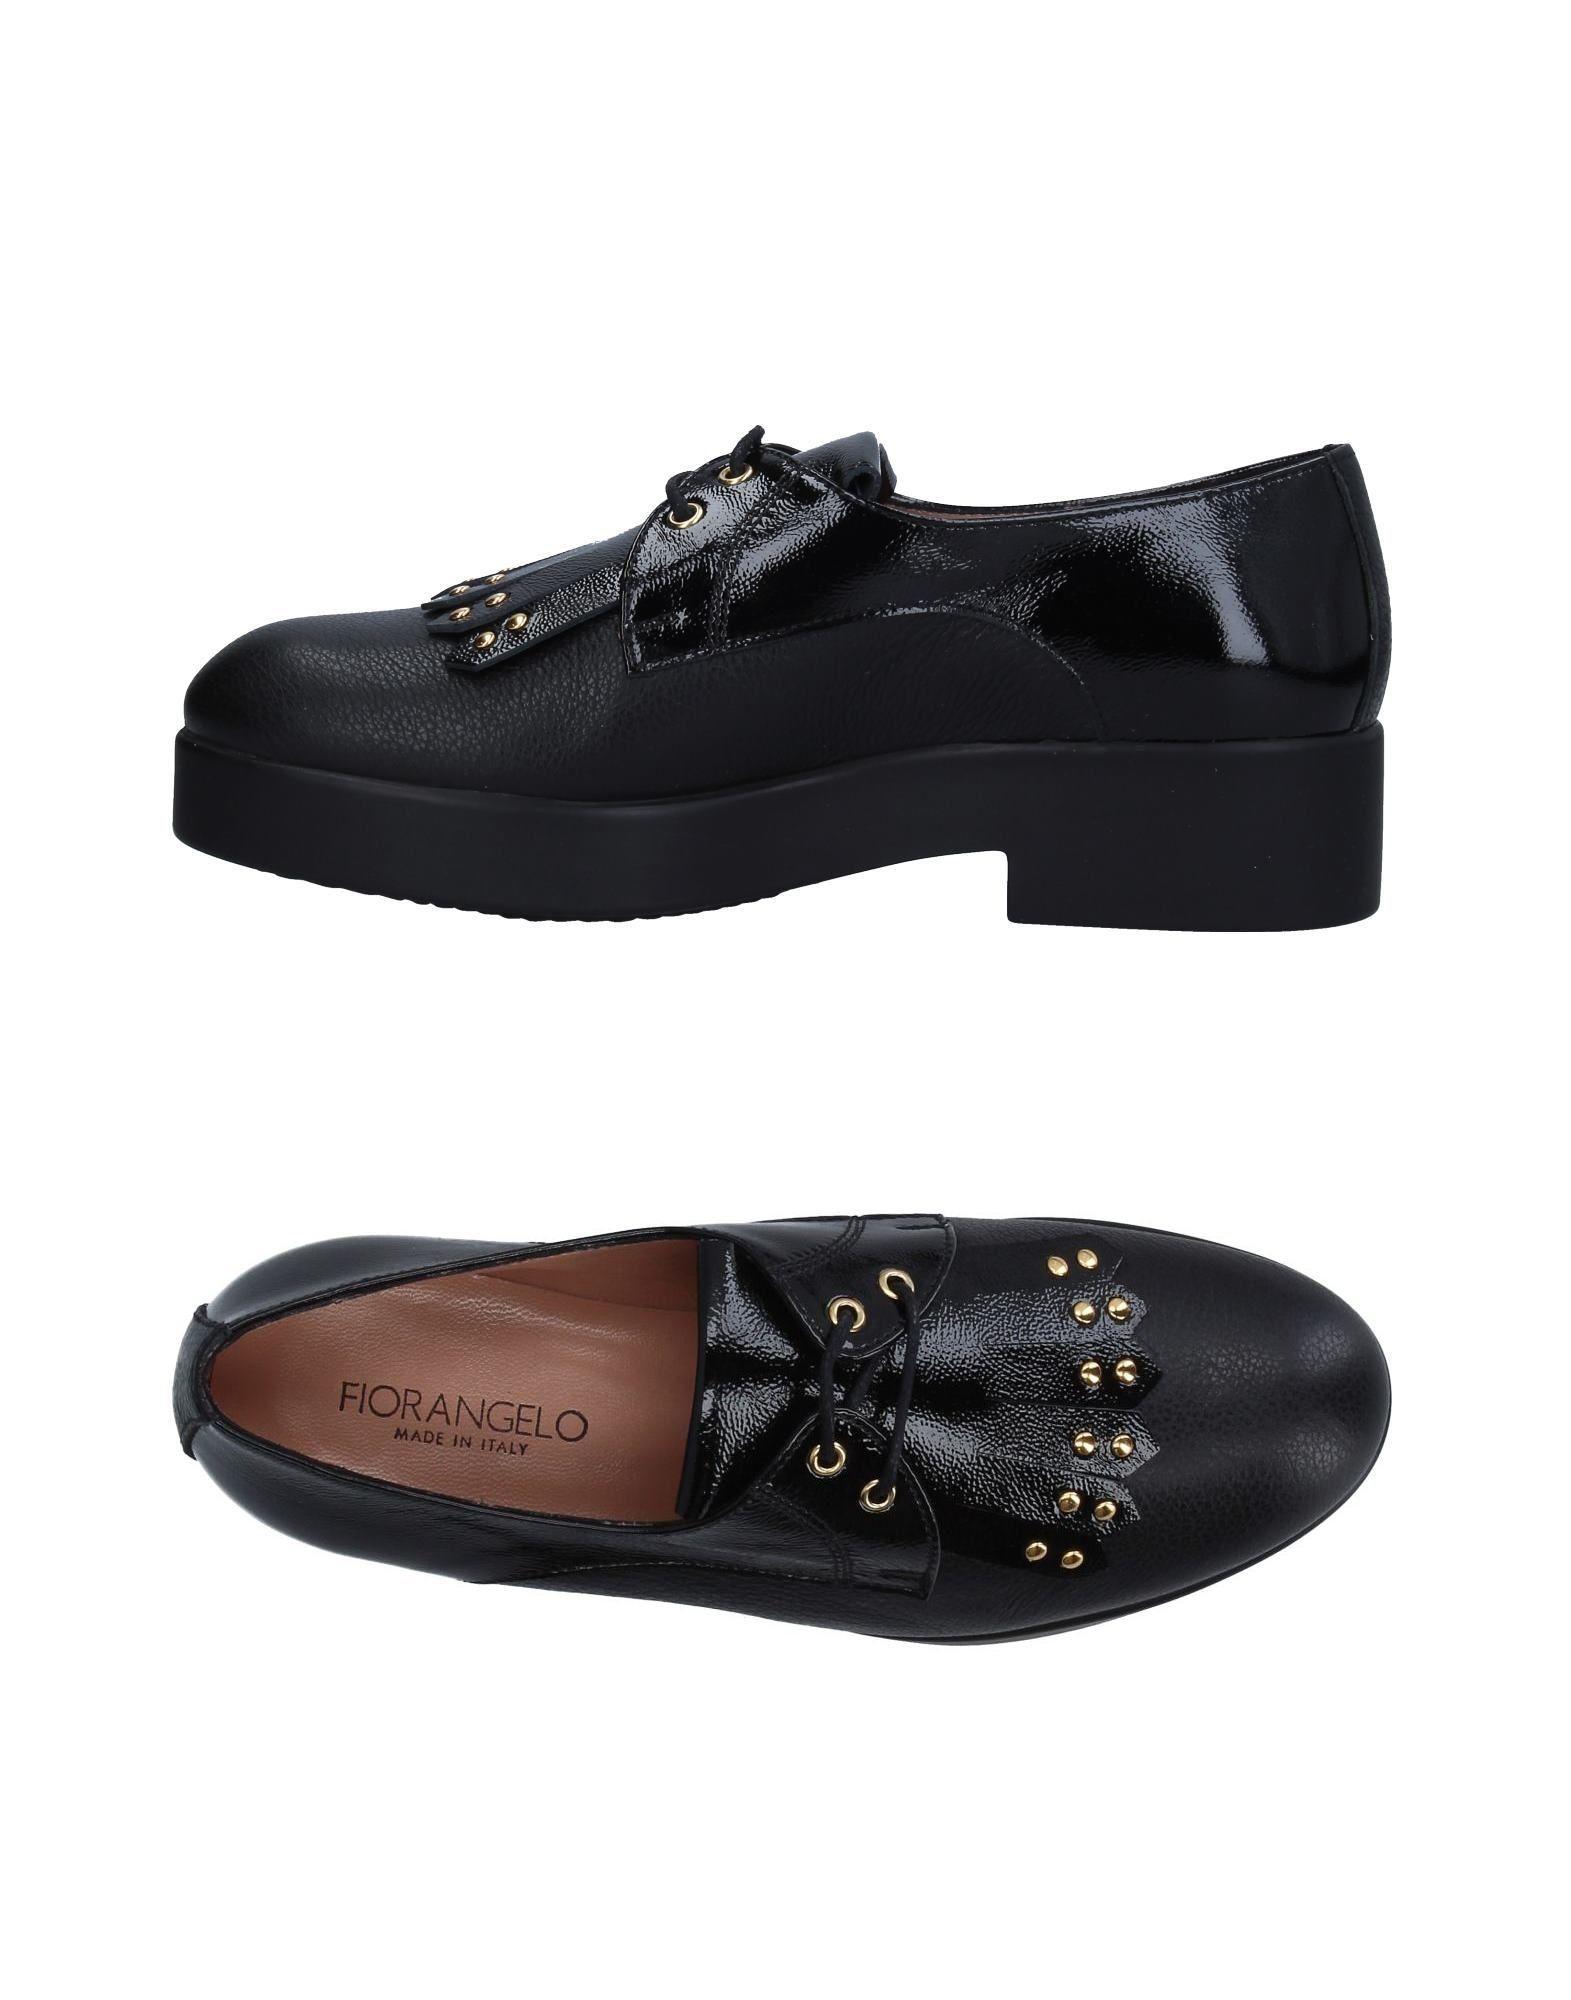 Fiorangelo Schnürschuhe Damen  11291391PW Gute Qualität beliebte Schuhe